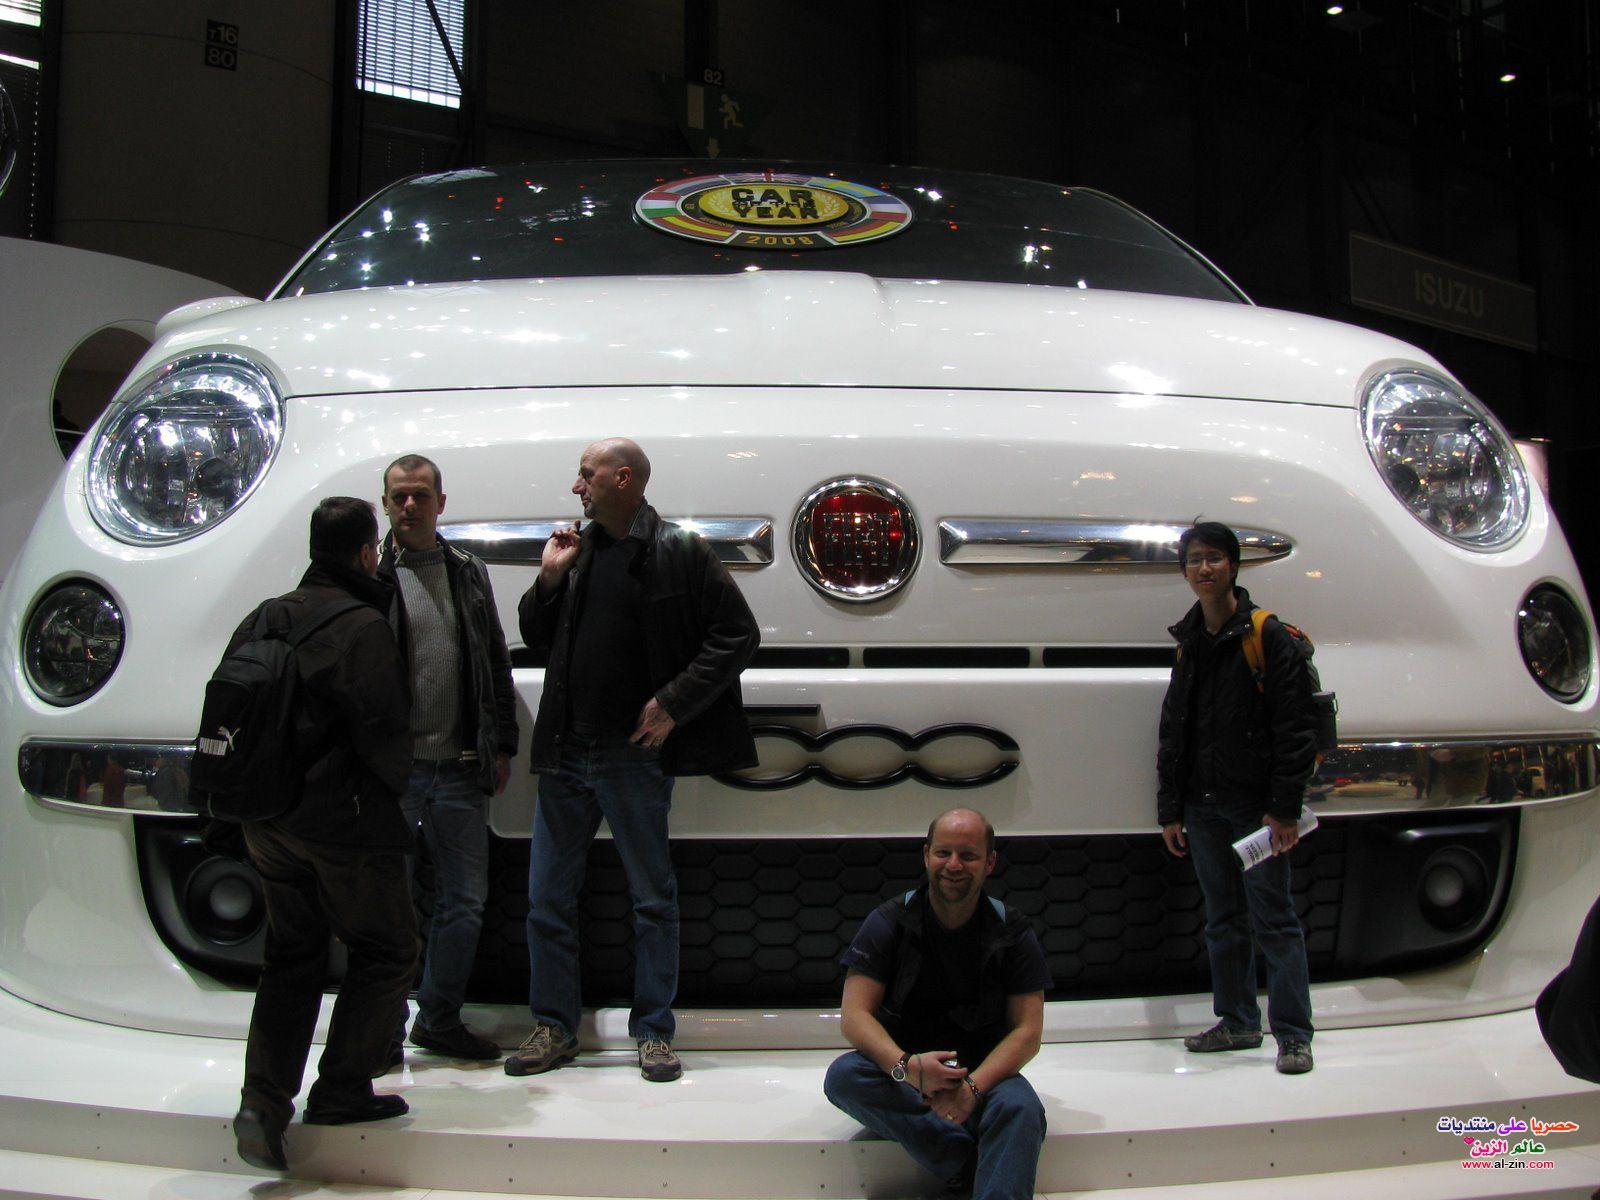 بالصور اكبر سيارة في العالم , اضخم سيارة في العالم 1059 6